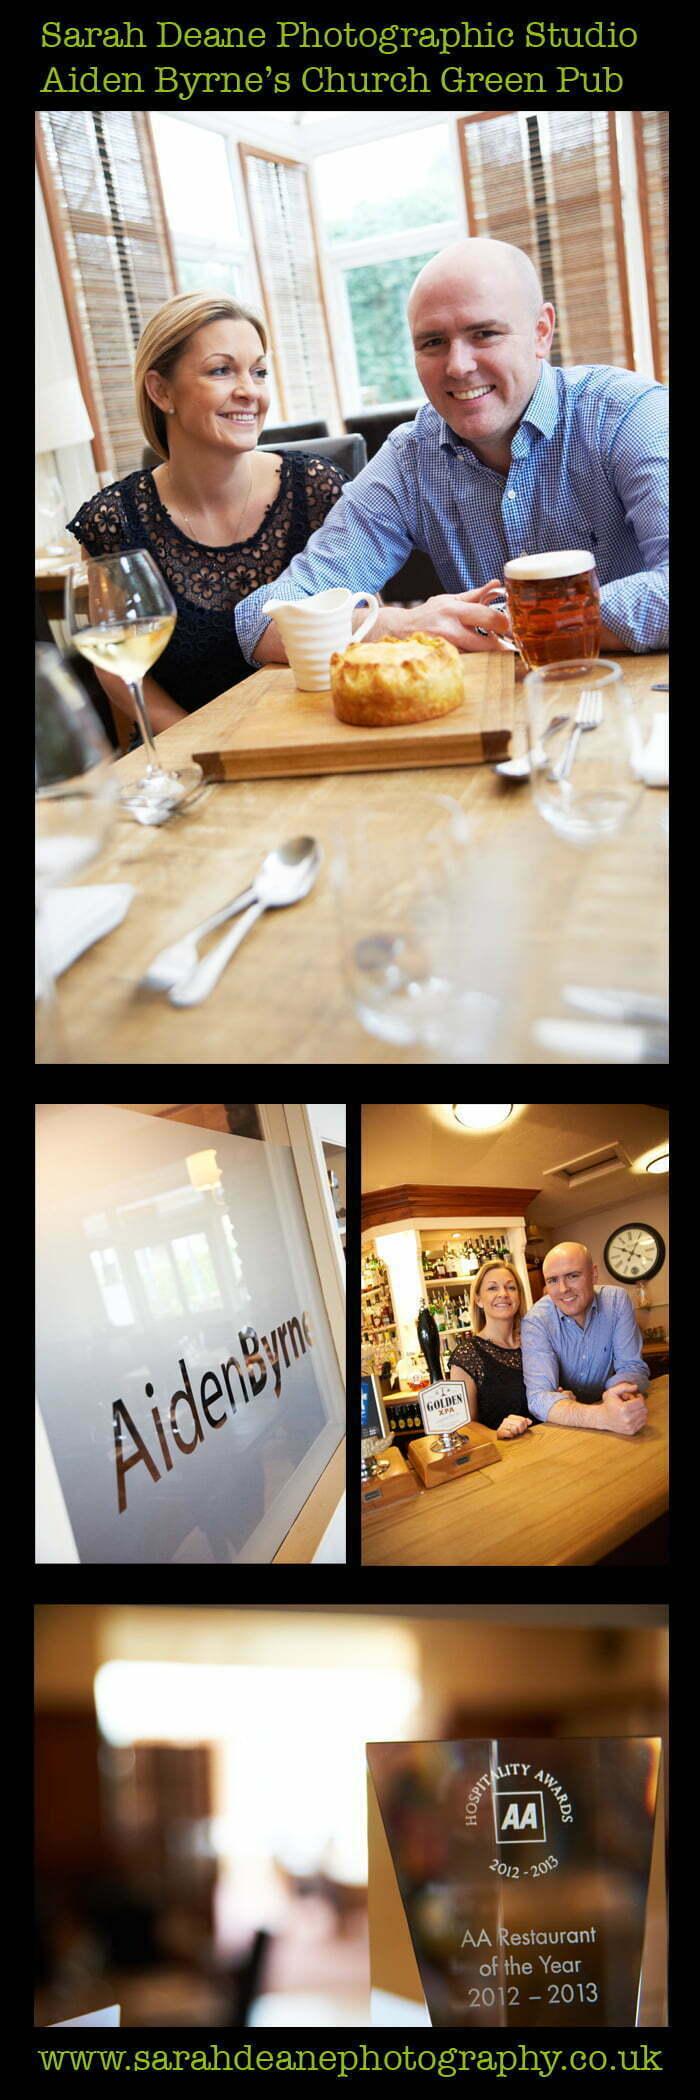 Aiden Byrne the Church Green, Lymm, Cheshire pub